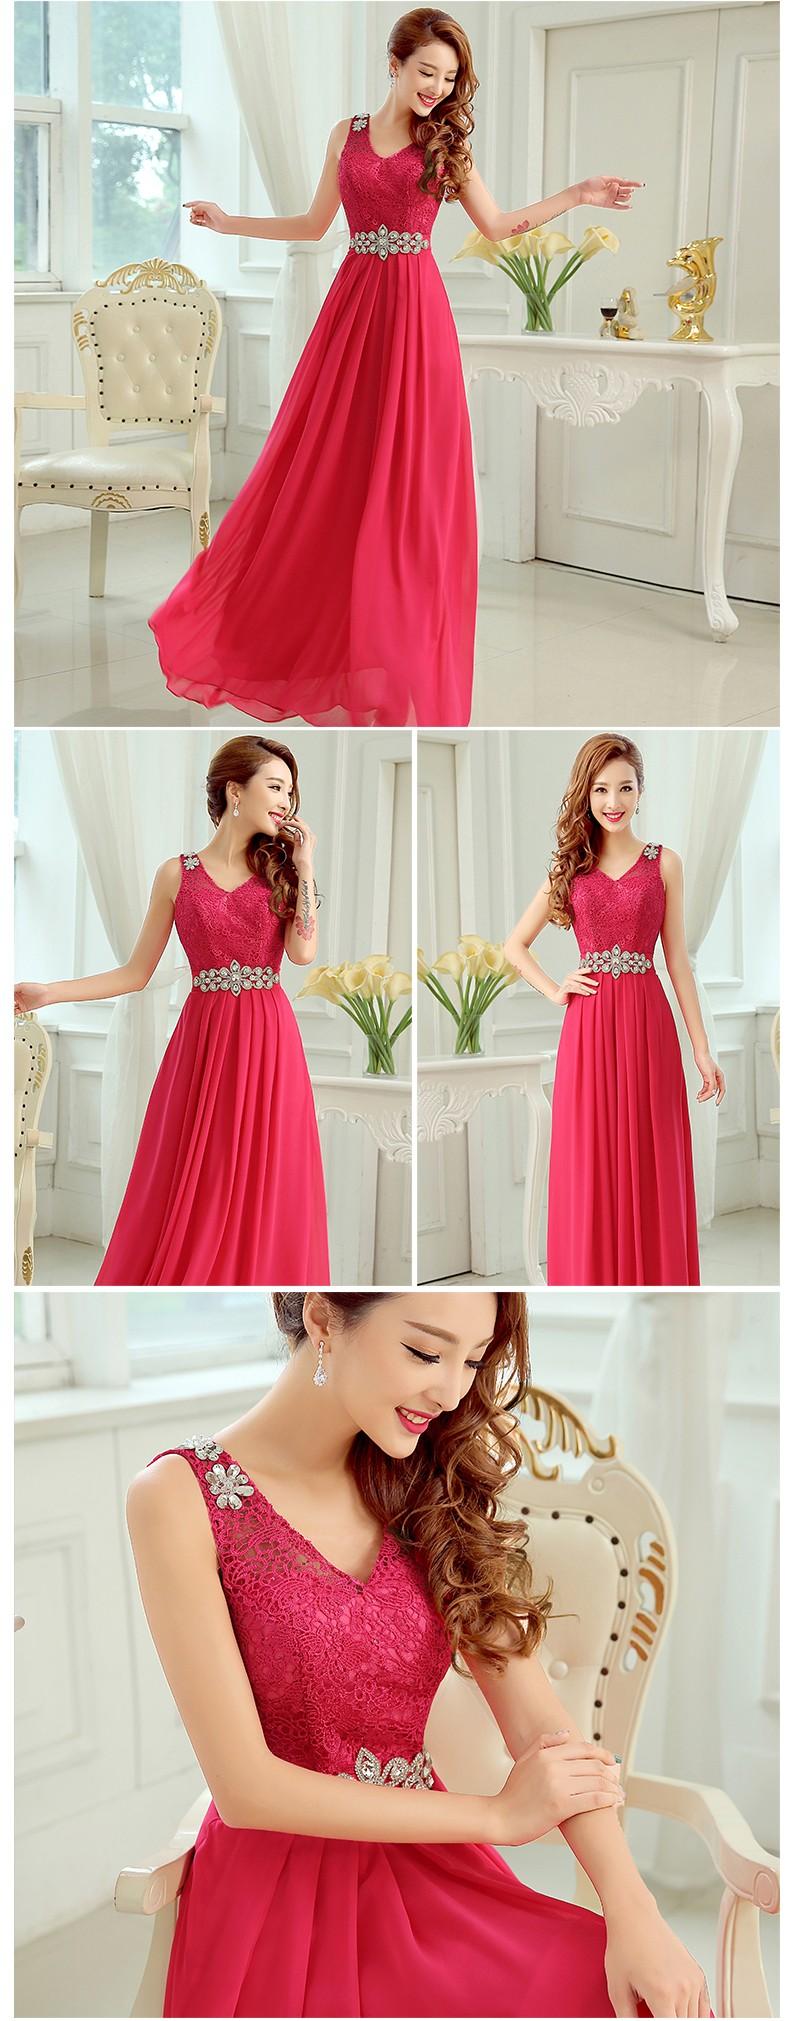 Shoulder Straps V-neck A-line Lace Chiffon Bridesmaid Dress